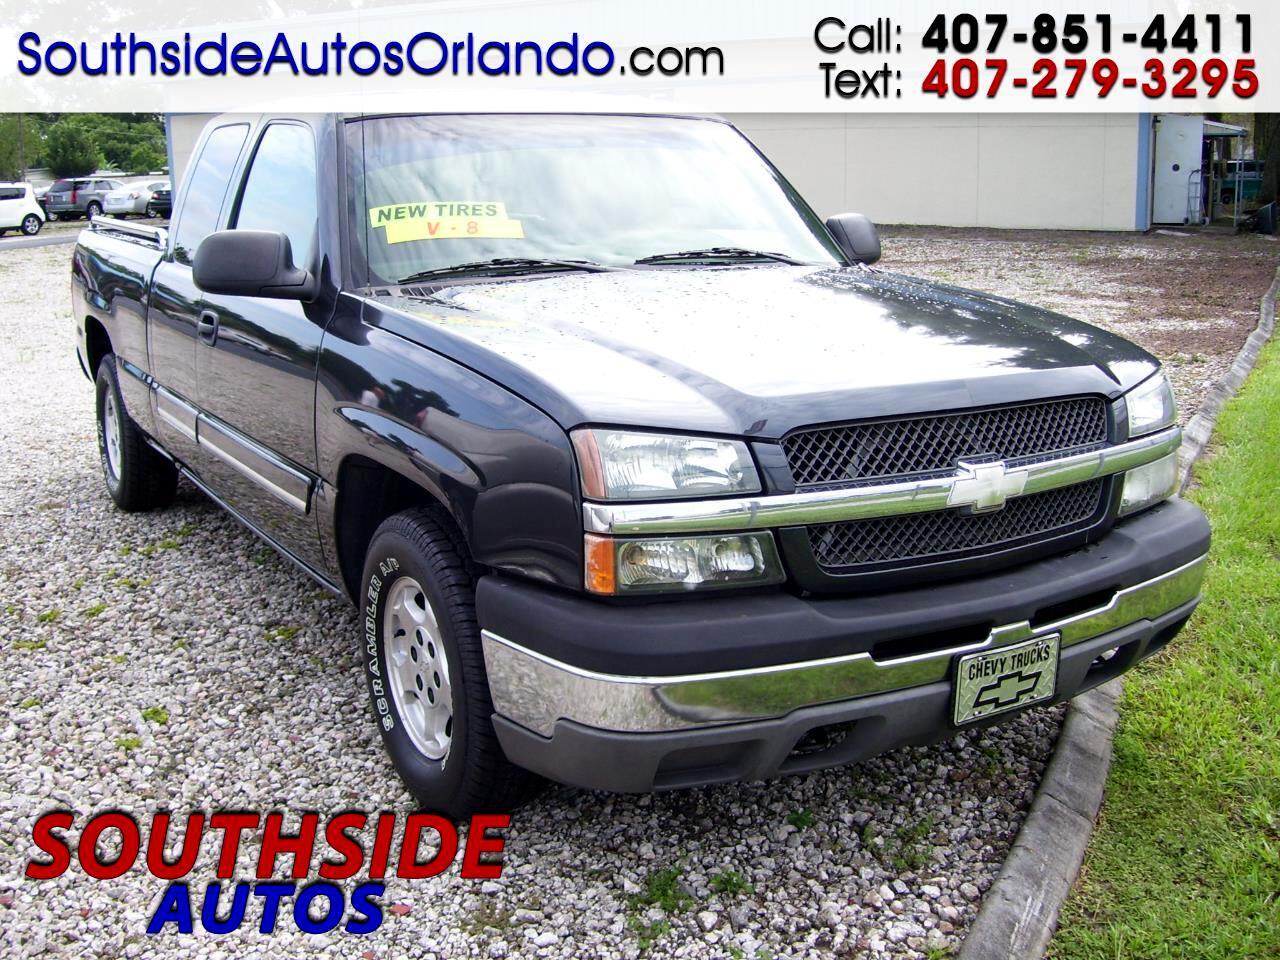 2003 Chevrolet Silverado 1500 LS Ext. Cab 4-Door Short Bed 2WD